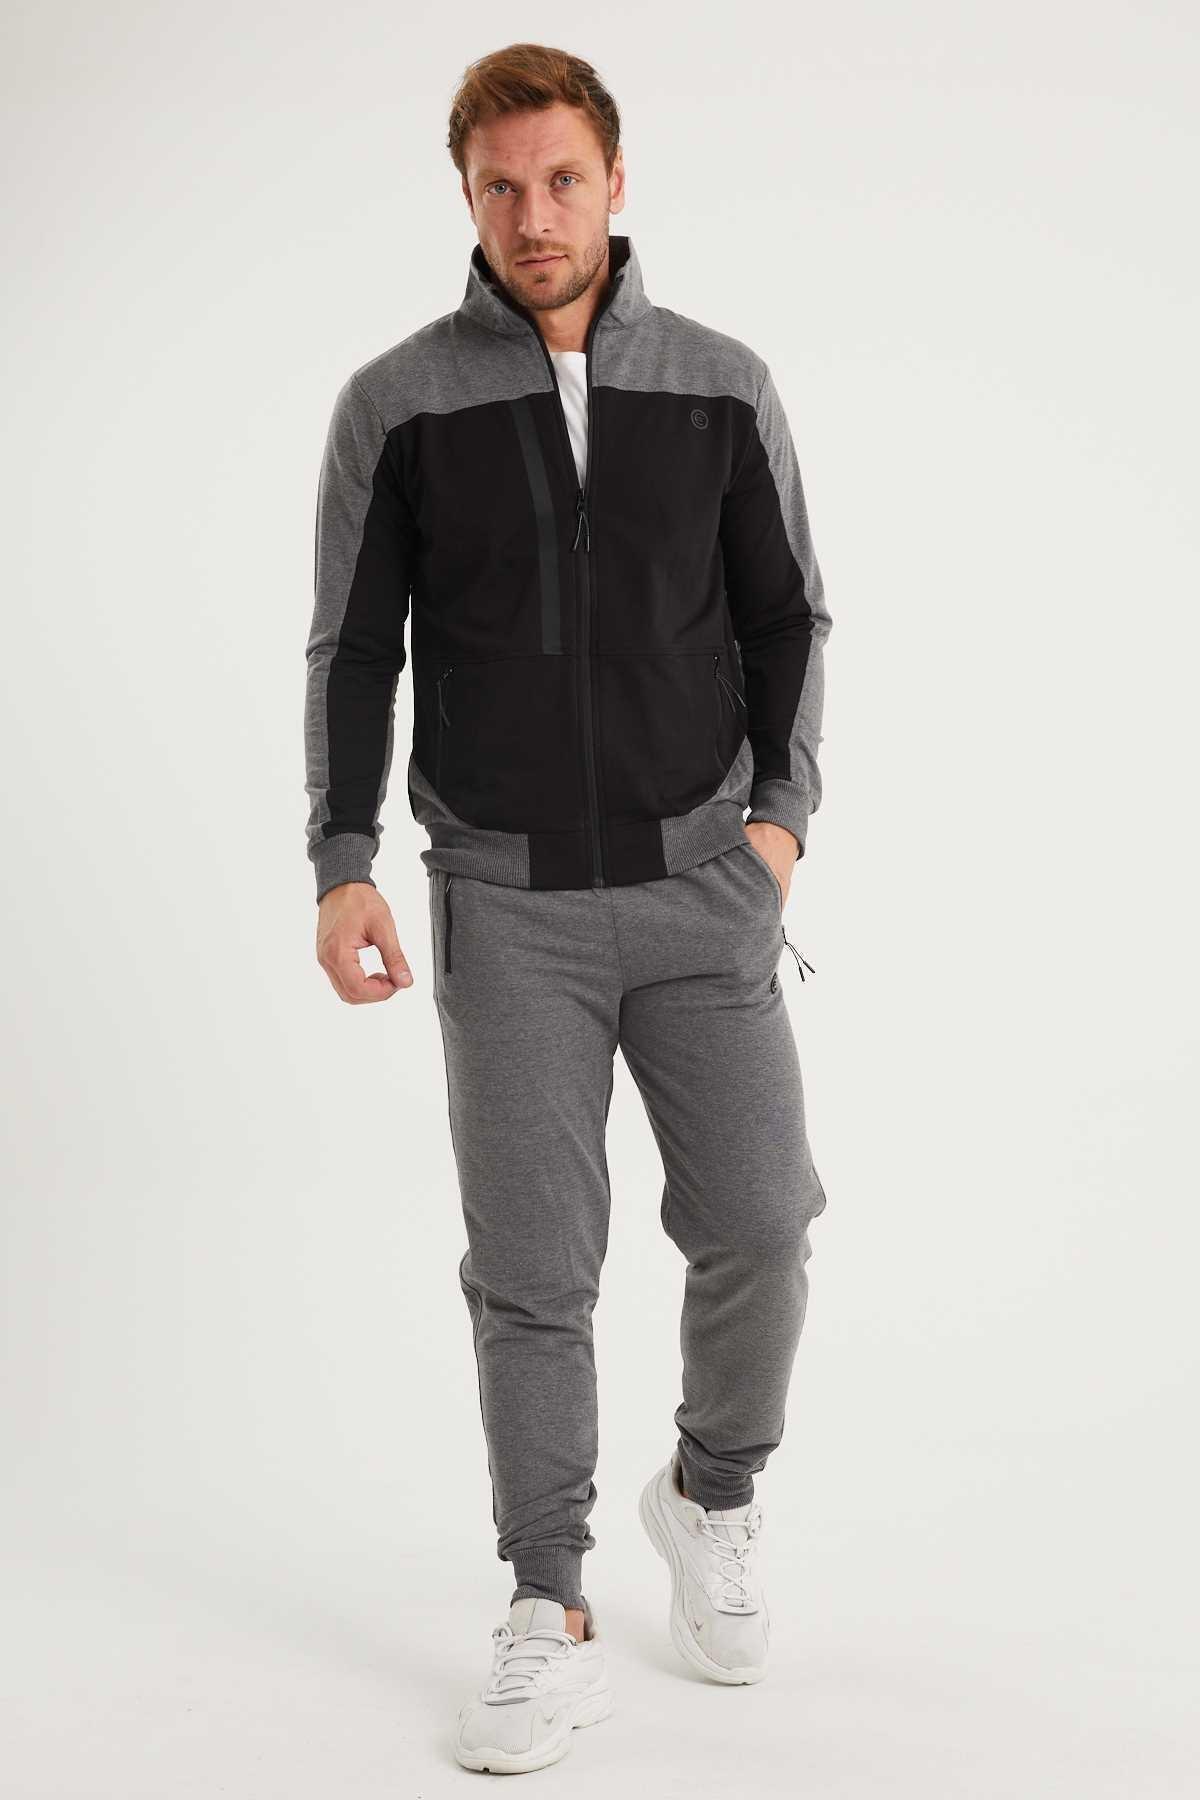 Giymoda Erkek Siyah Dik Yakalı Eşofman Takımı 1